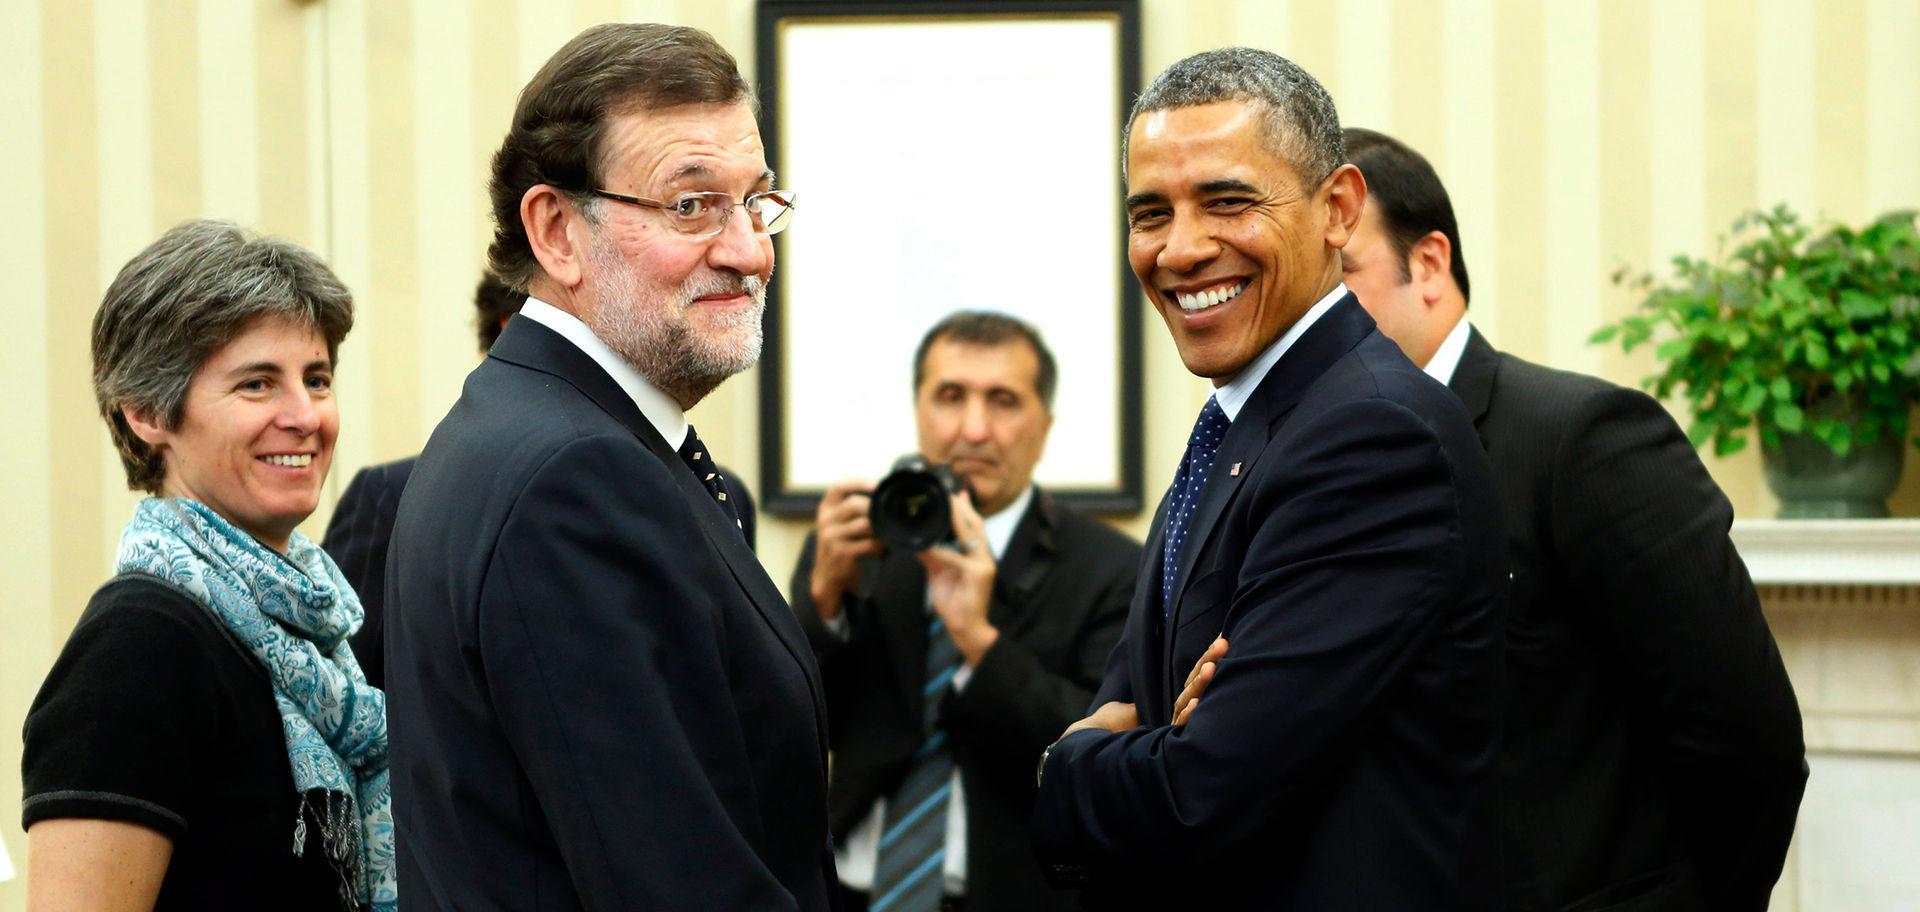 ¿Crees que España es relevante en el resto del mundo?